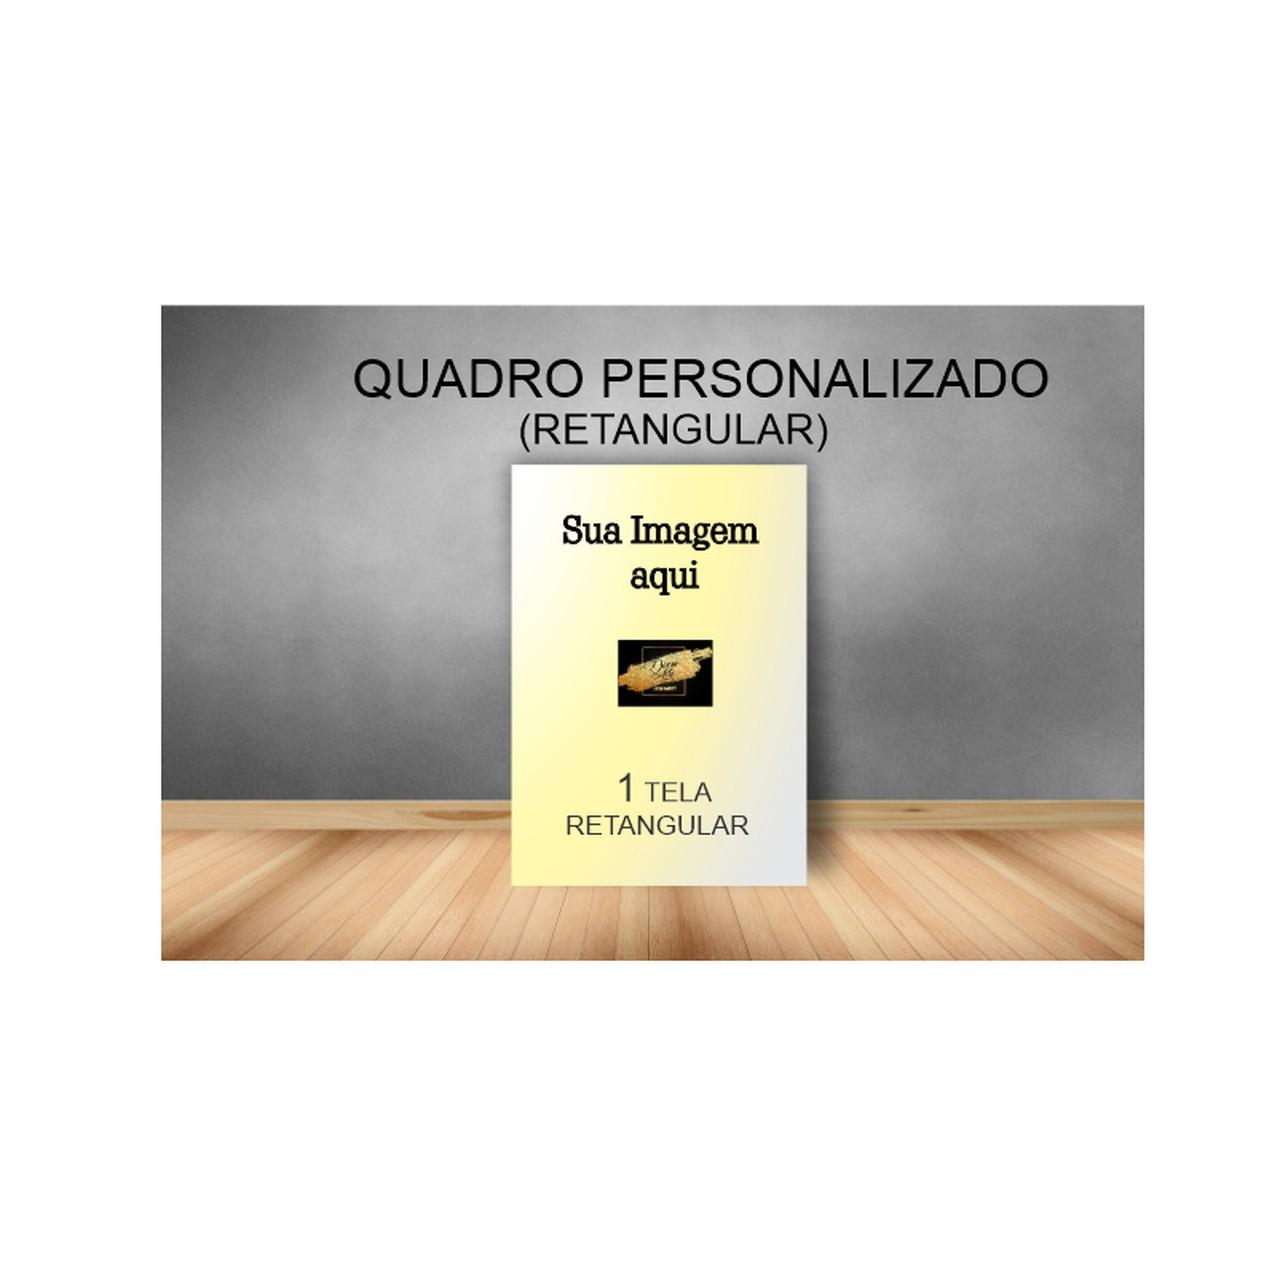 Quadro Retangular Personalizado - Tela Única